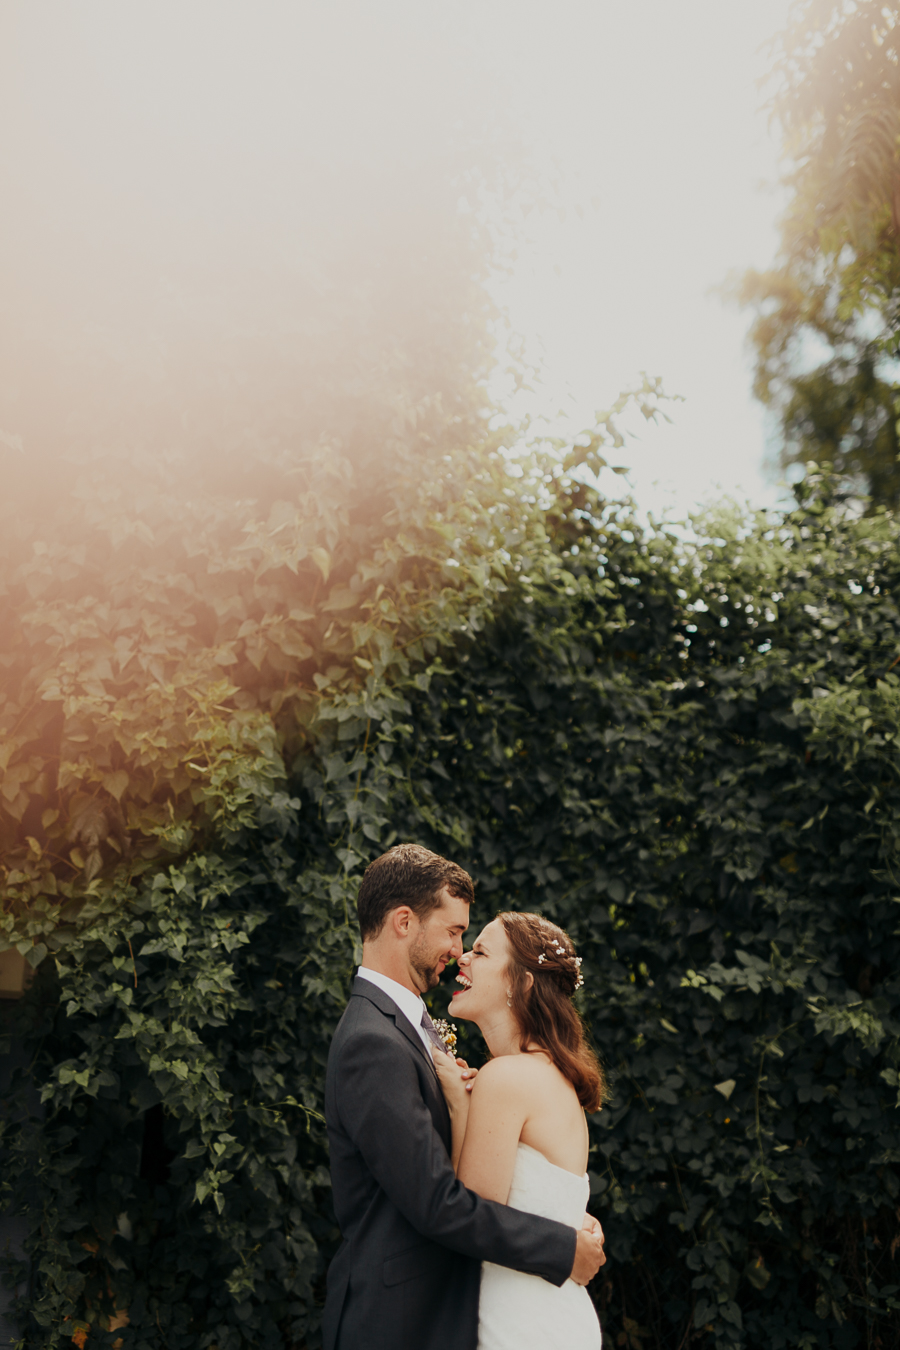 Nashville Wedding Photograpger - Photography Anthology-72.jpg